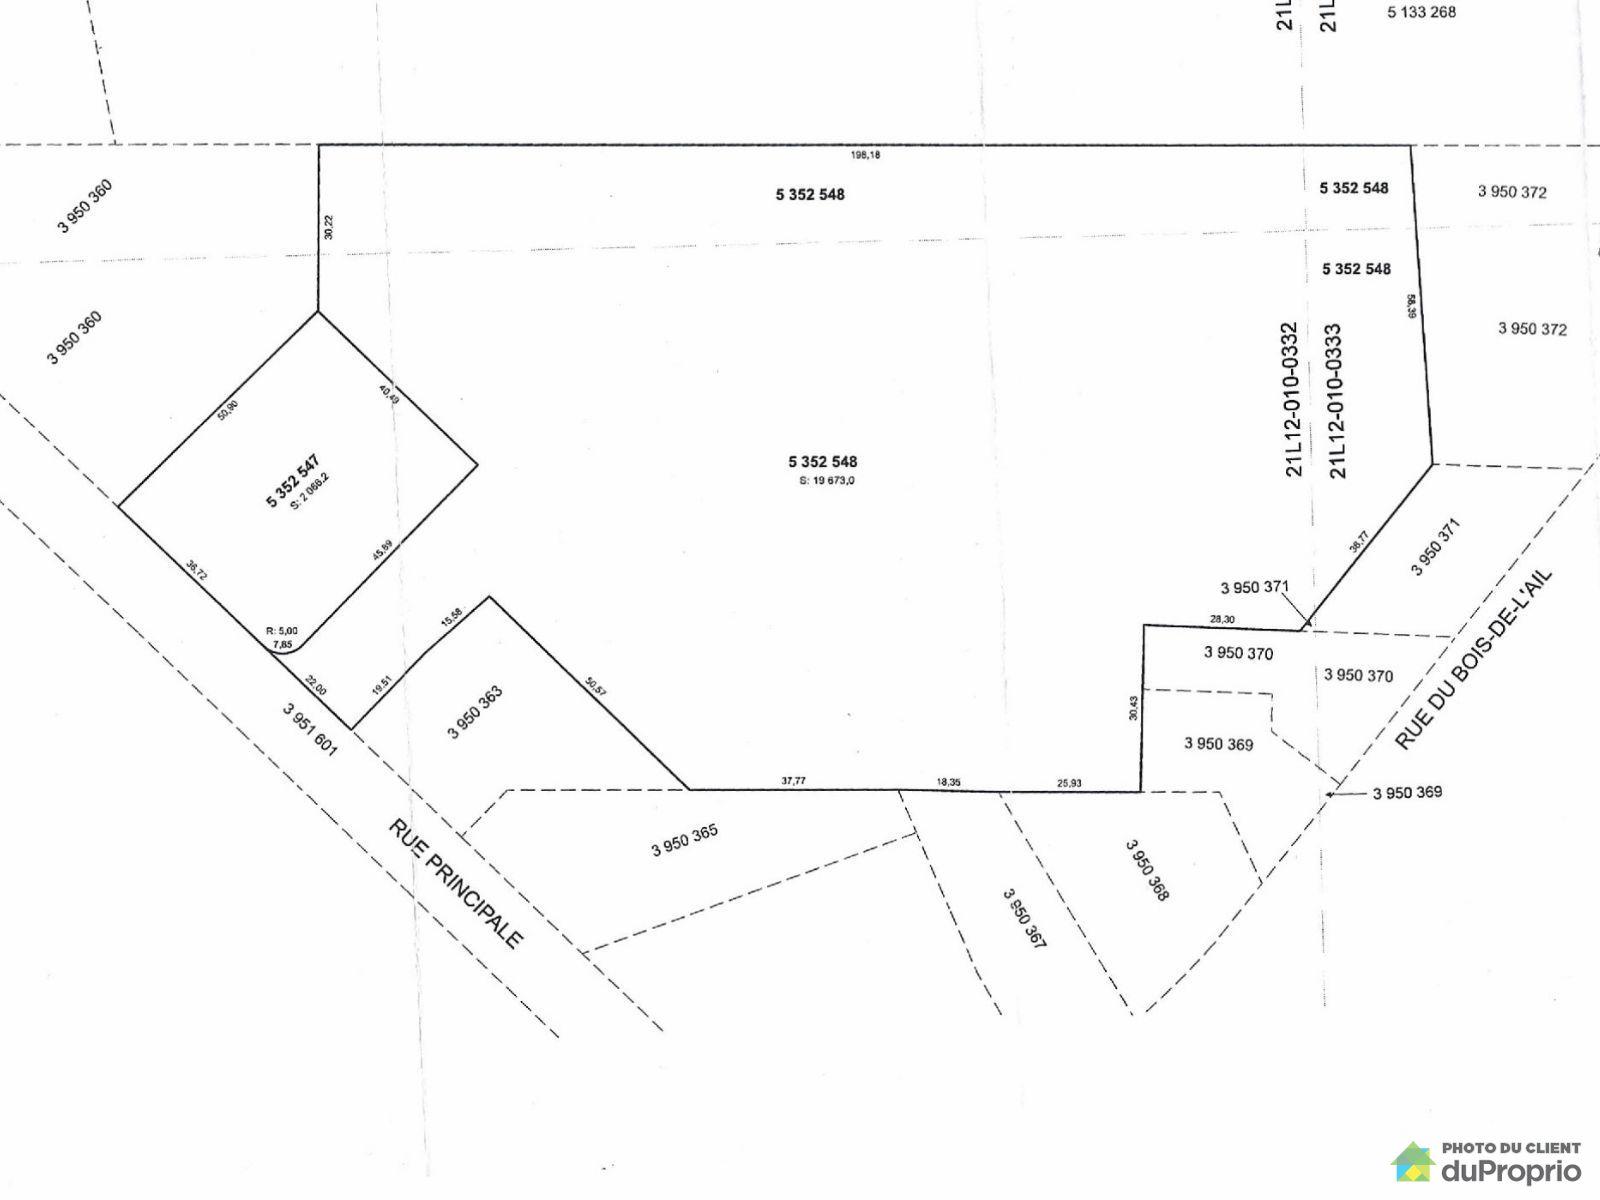 Terrain - 173, rue Principale, St-Flavien à vendre